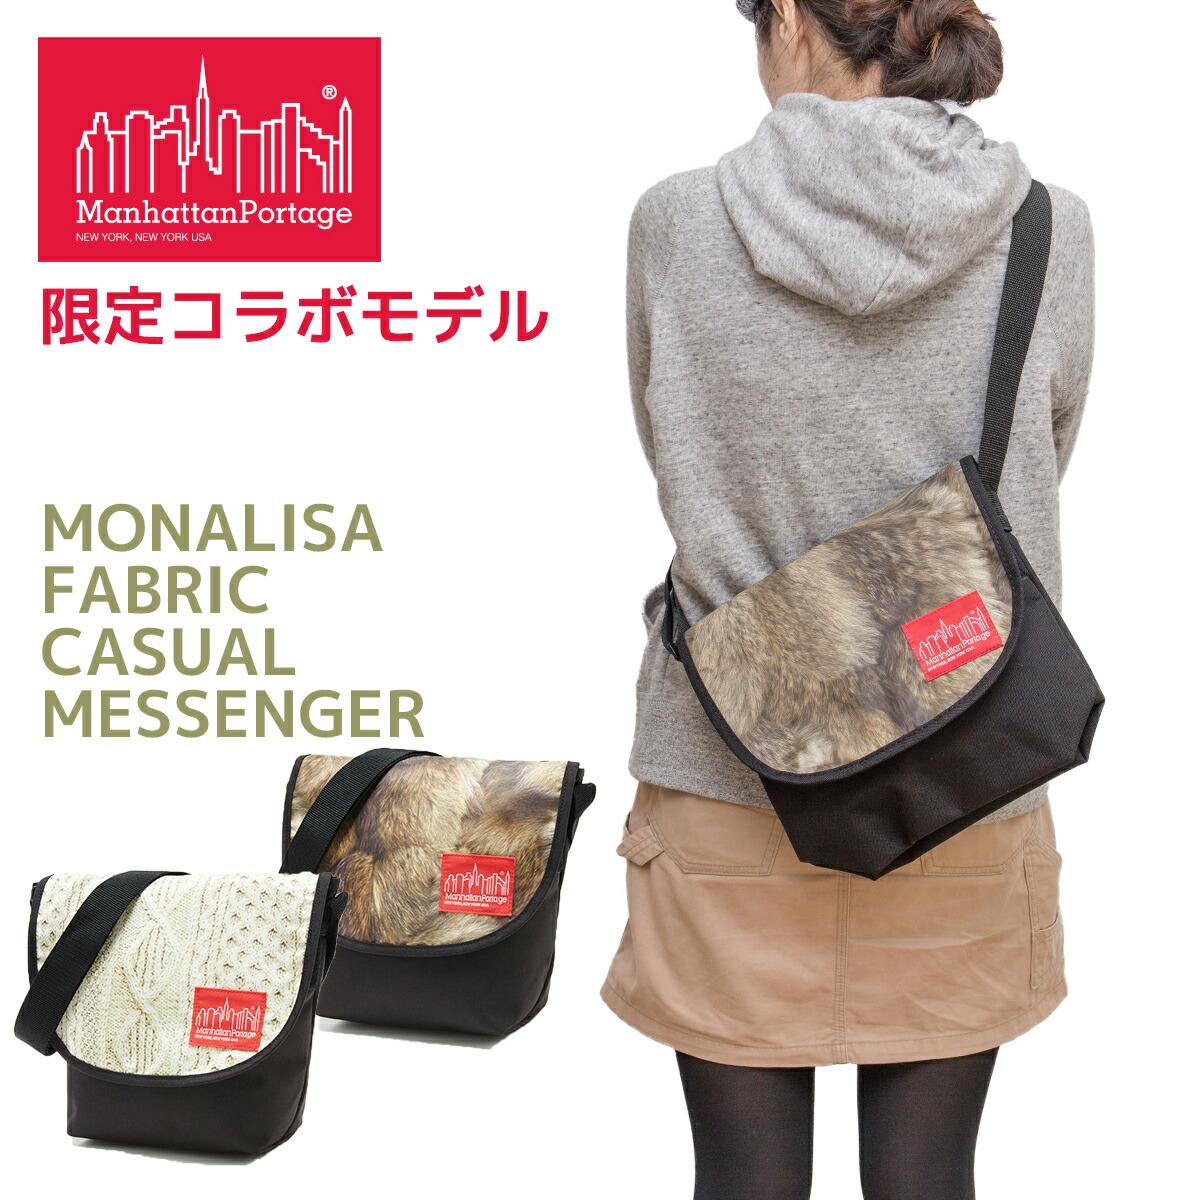 Manhattan Portage(マンハッタンポーテージ)/メッセンジャーバッグ/MONALISA Fabric Casual Messenger Bag/MP1604MNL/メイン